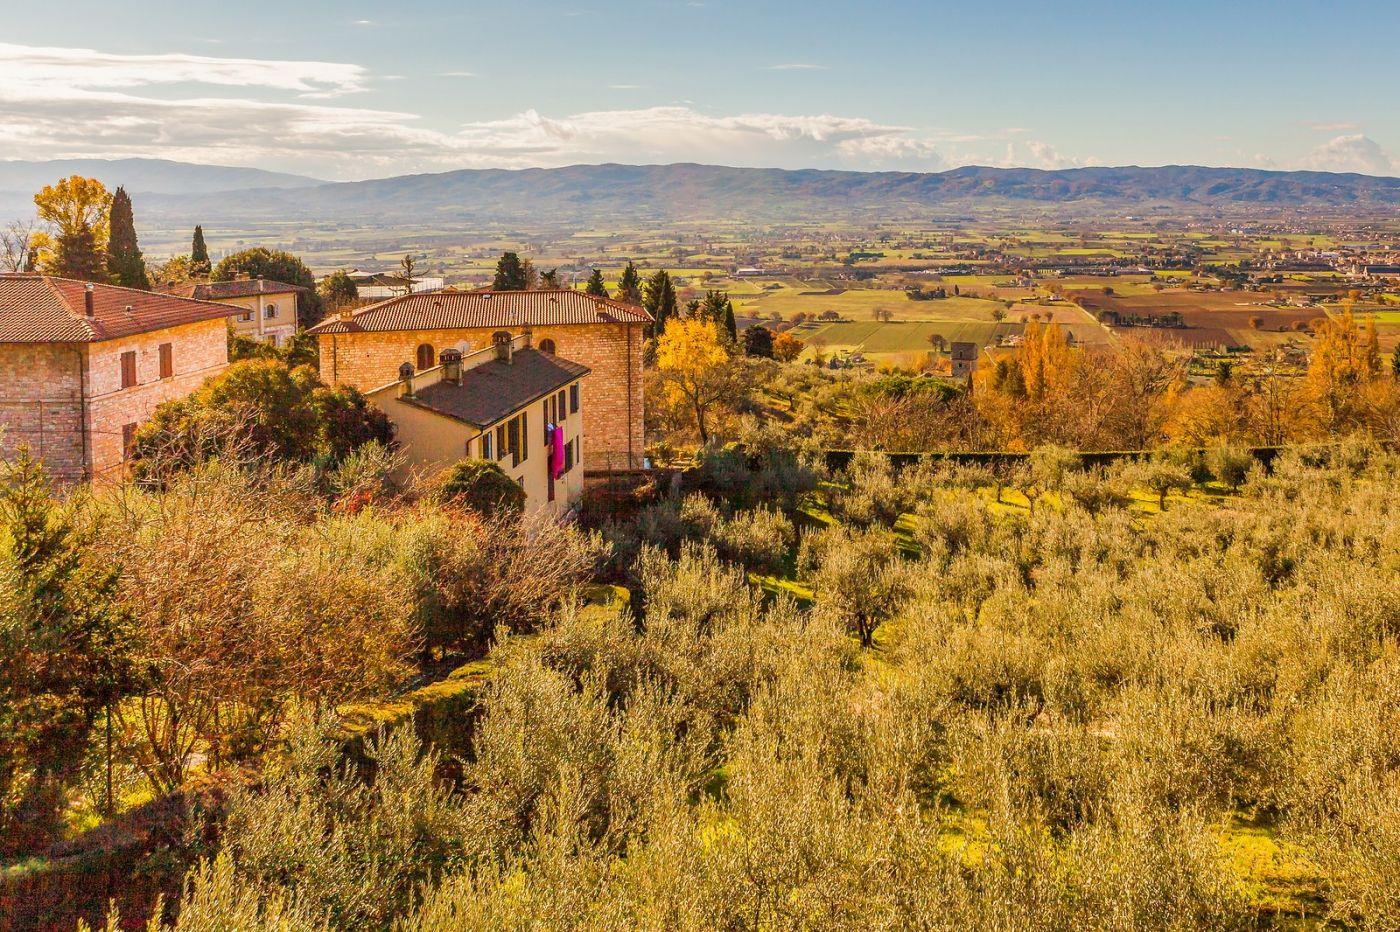 意大利阿西西(Assisi), 登高放眼_图1-8